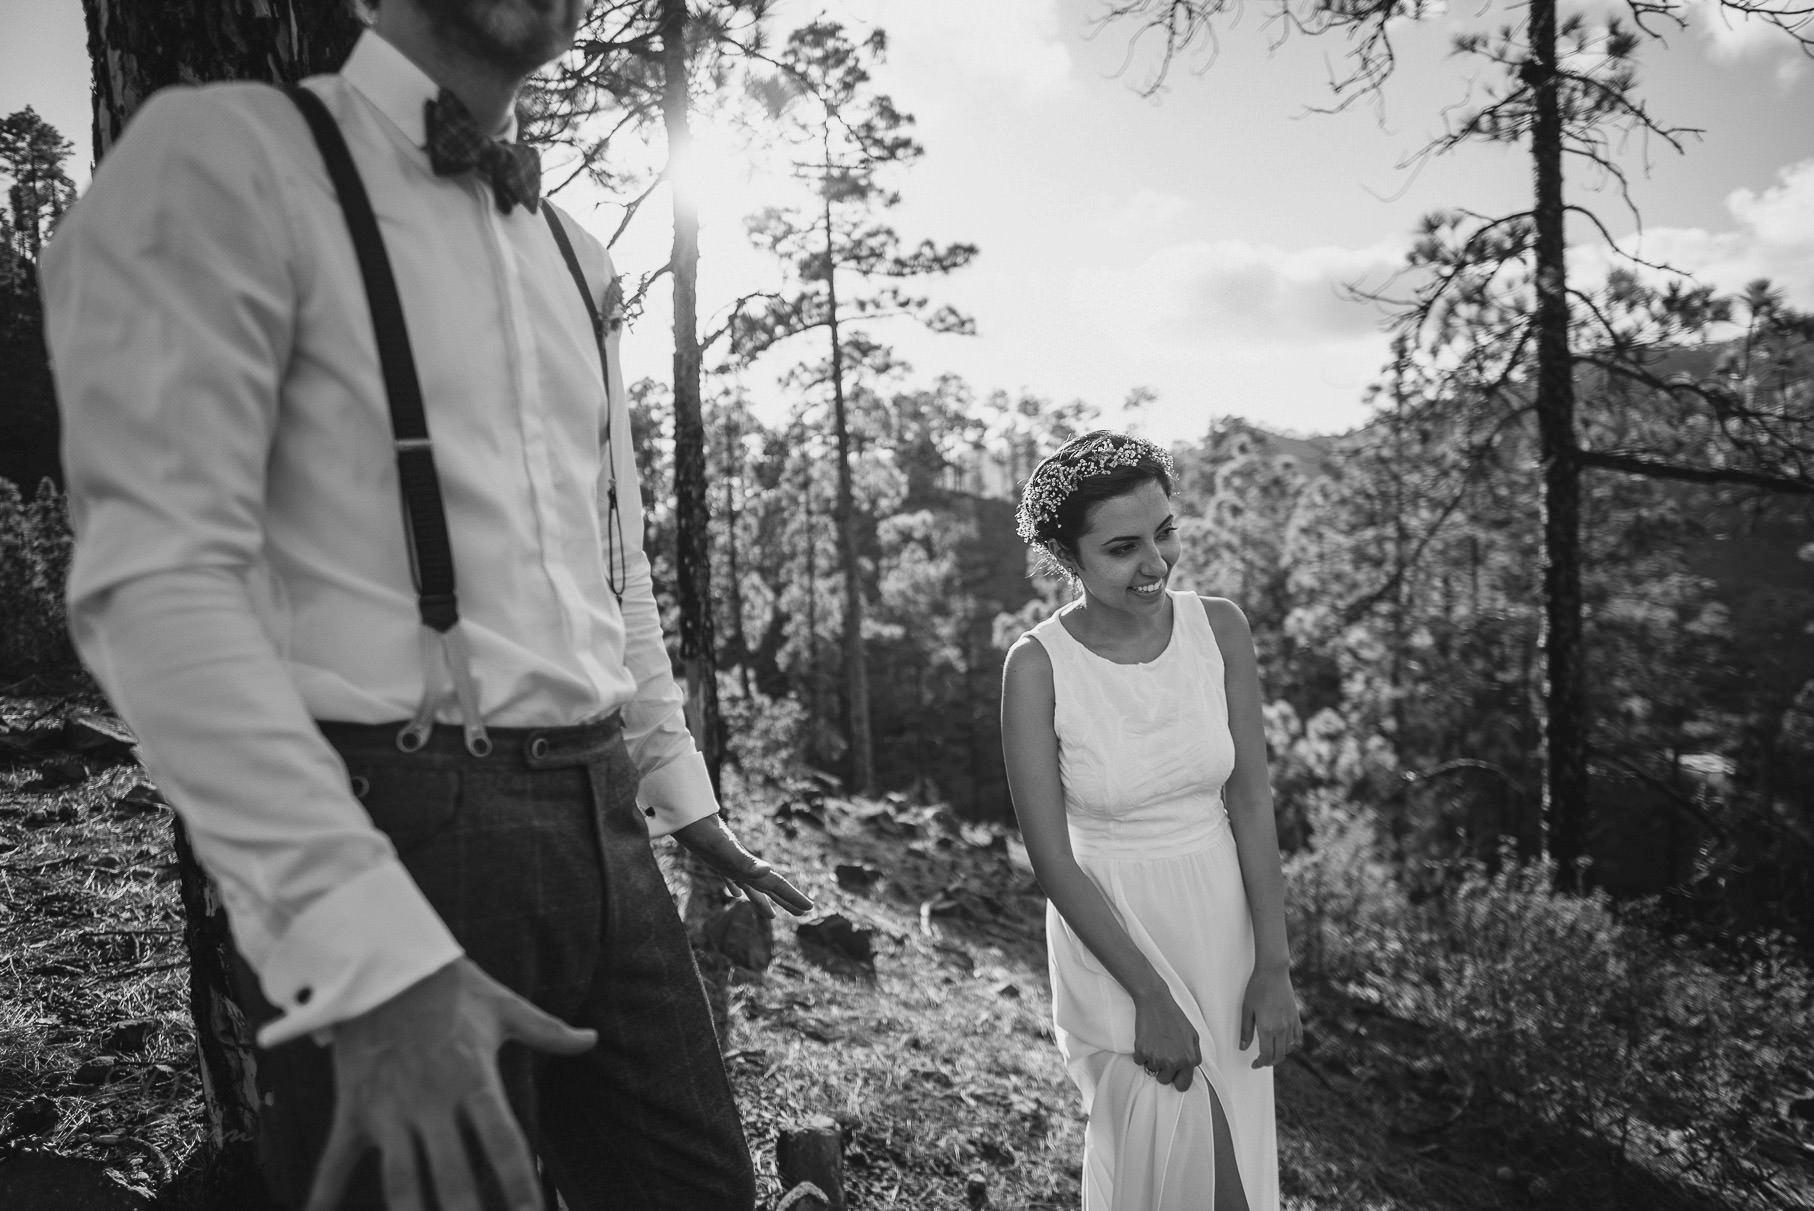 0100 lug d75 6957 - Hochzeit auf Gran Canaria - Linda & Gerald (Elopement)